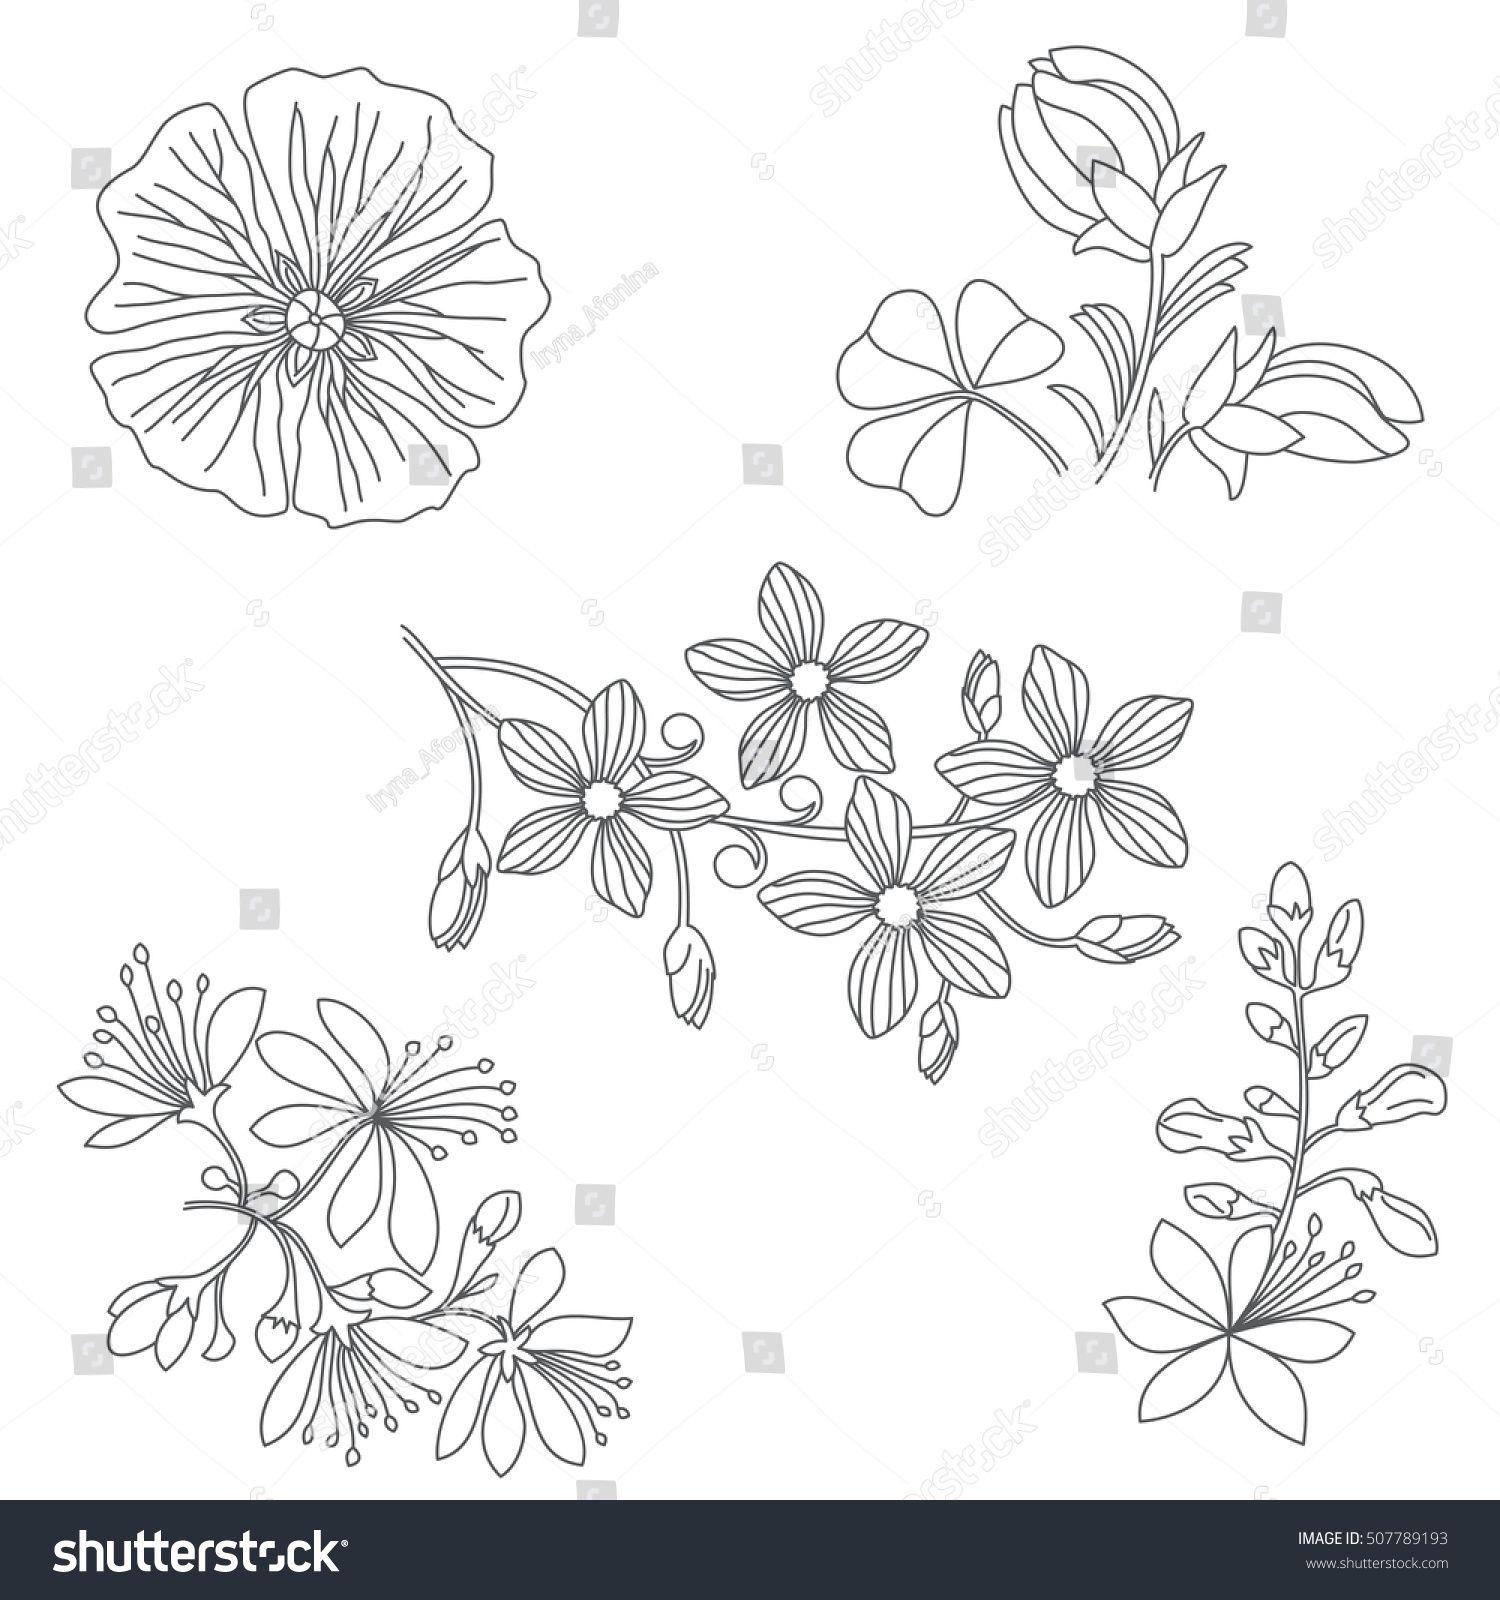 Vetor stock de Set Black White Flowers On White (livre de direitos) 507789193